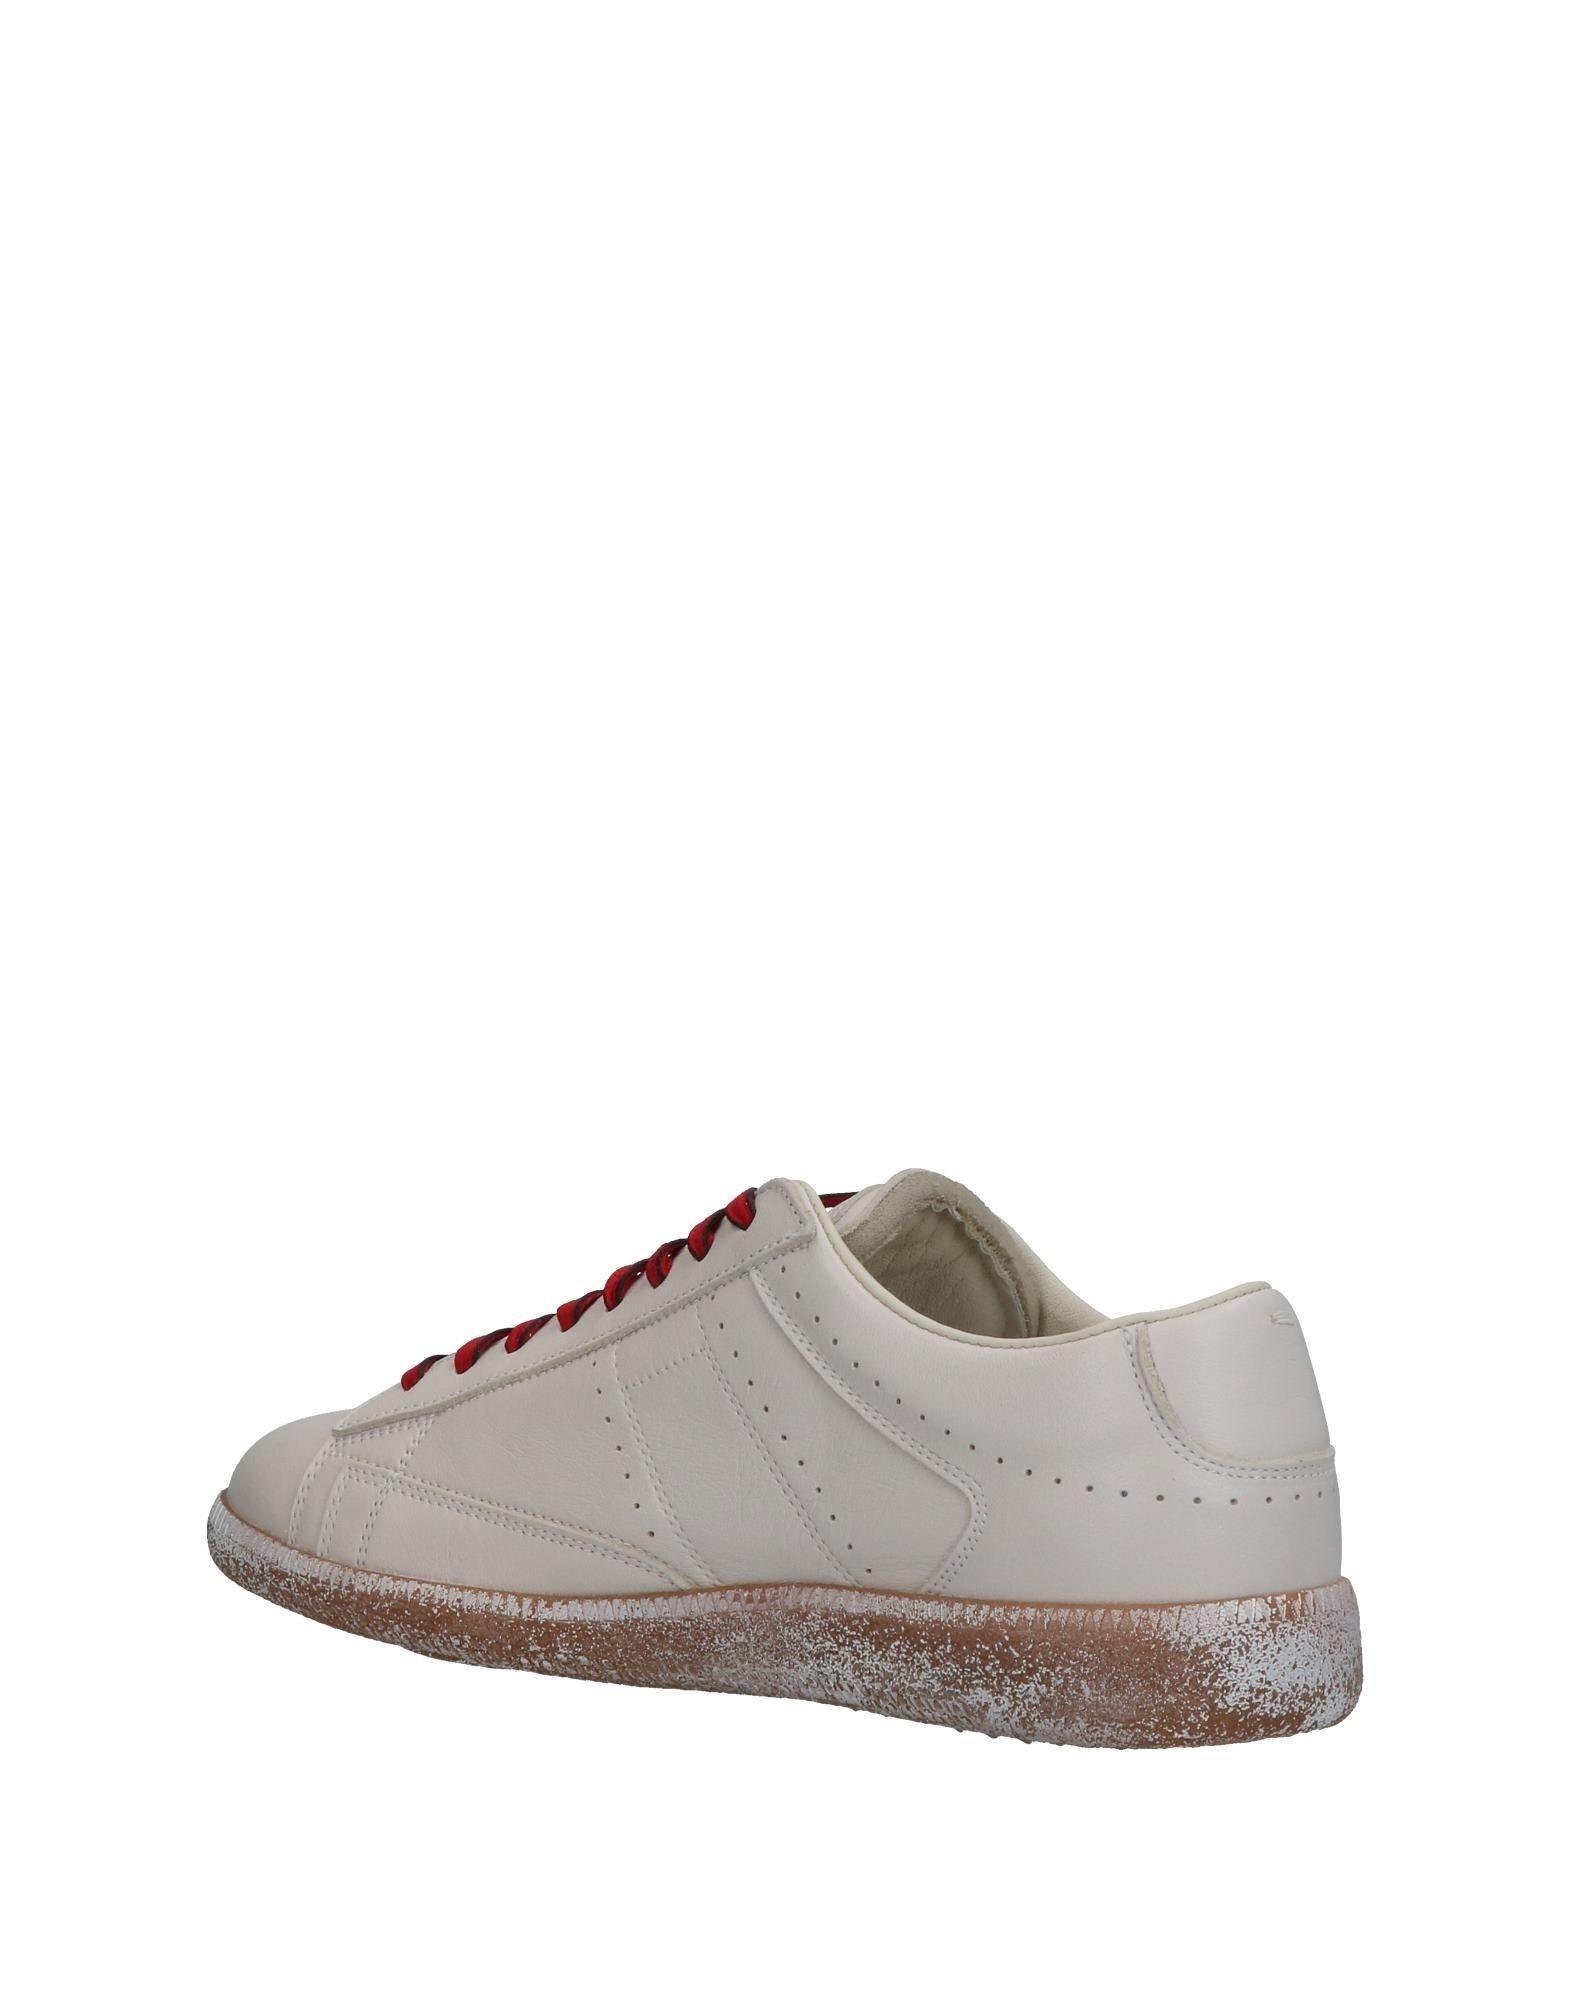 Maison Margiela Sneakers Herren Herren Sneakers  11353117LR 1bfd55